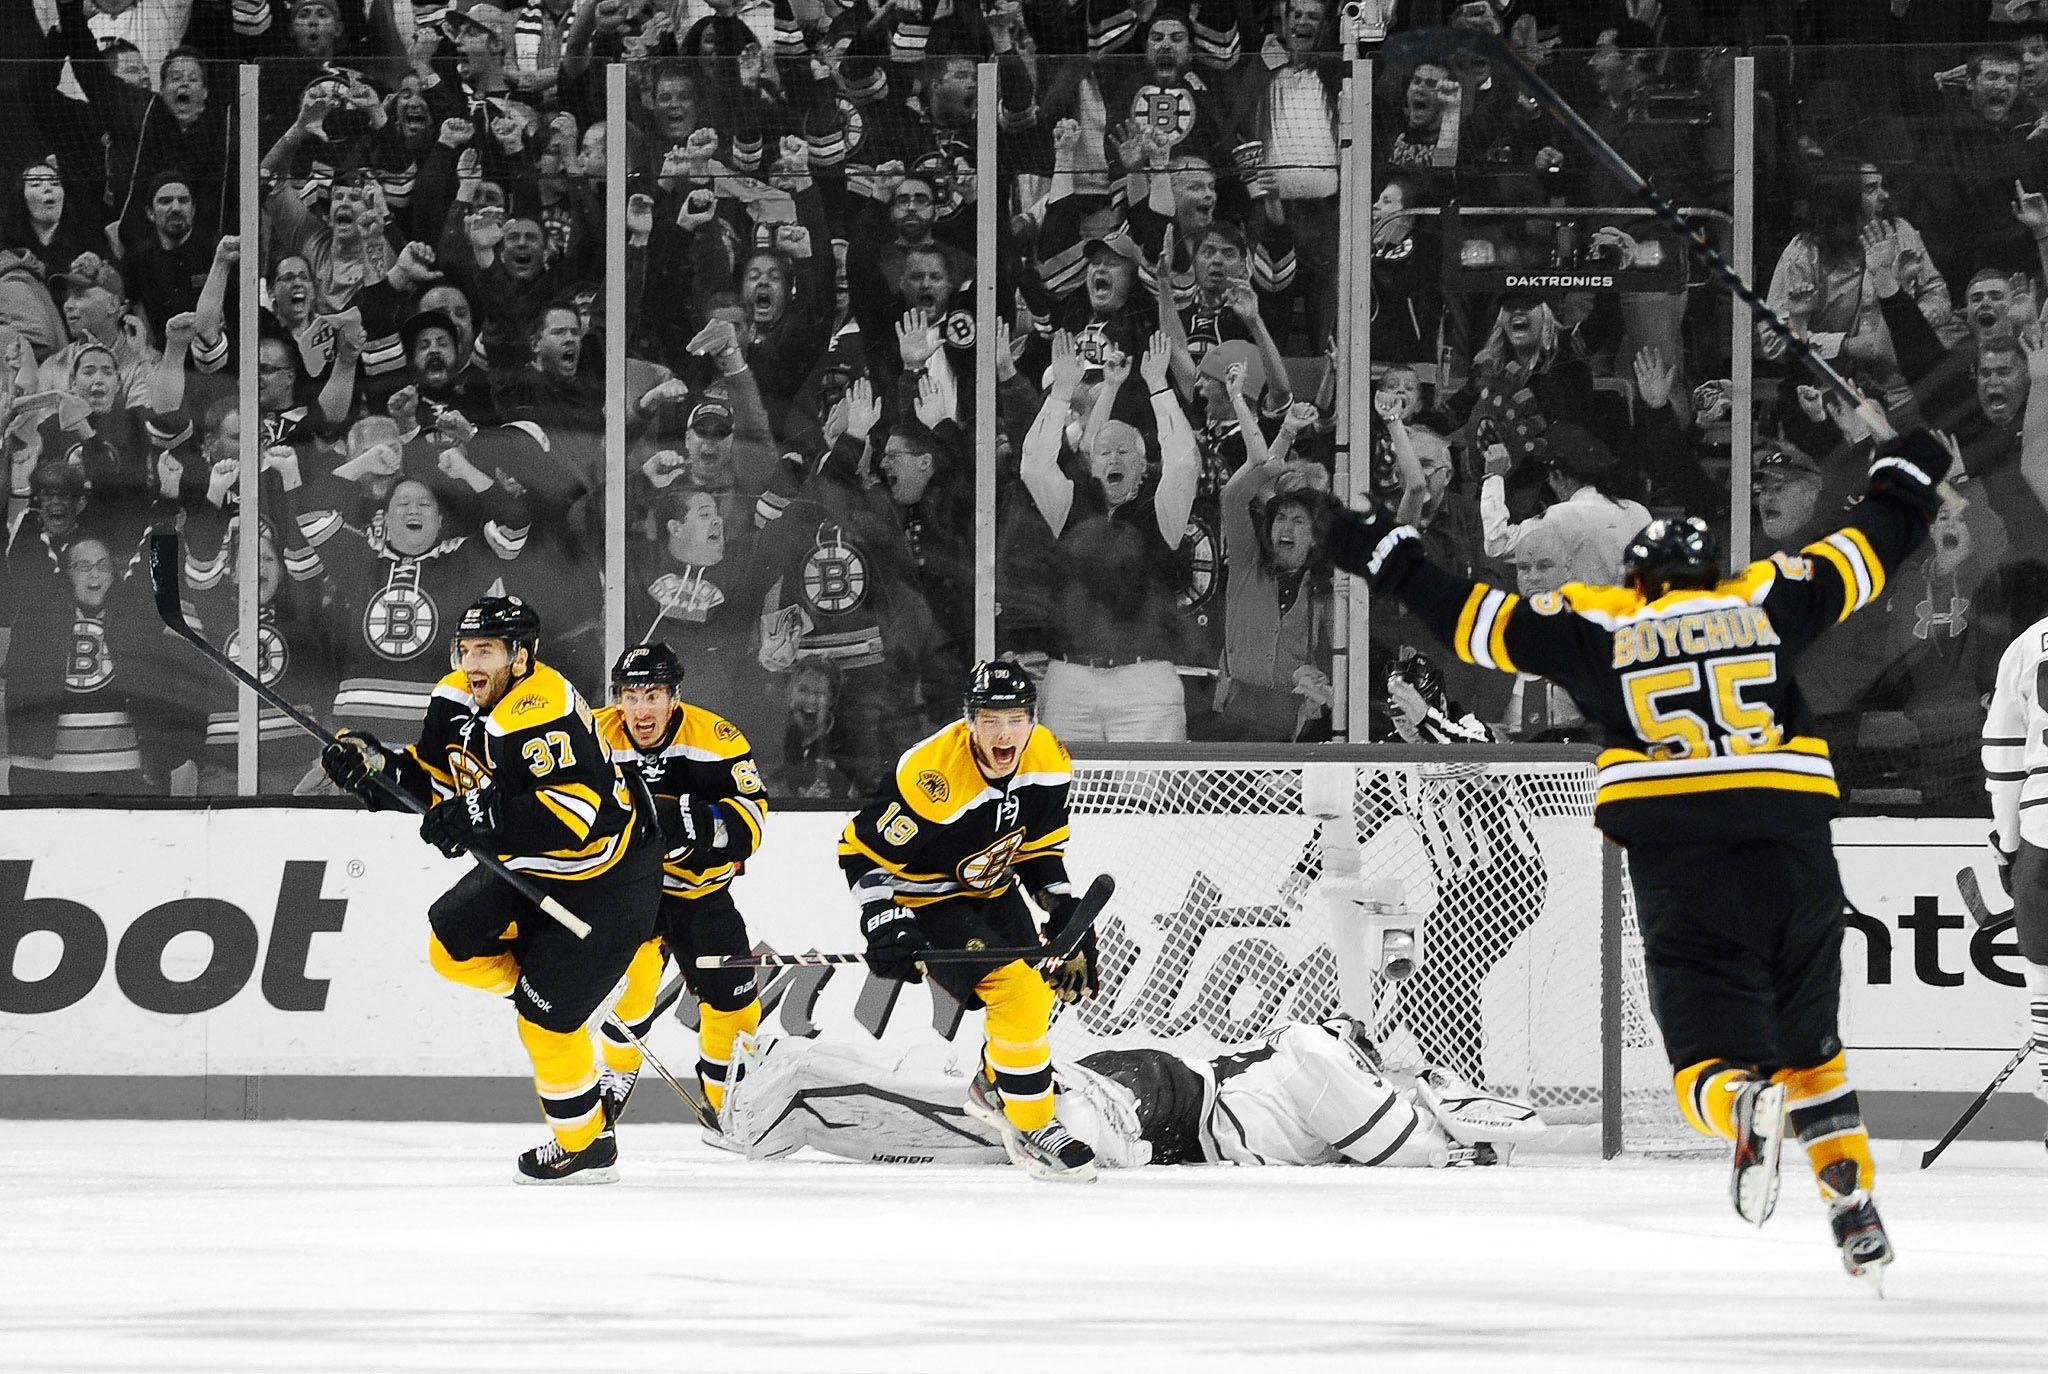 Res: 2048x1374, Tuukka Rask Boston Bruins wallpaper Hockey Sport Wallpaper 2560×1440 Boston  Bruins Backgrounds (34